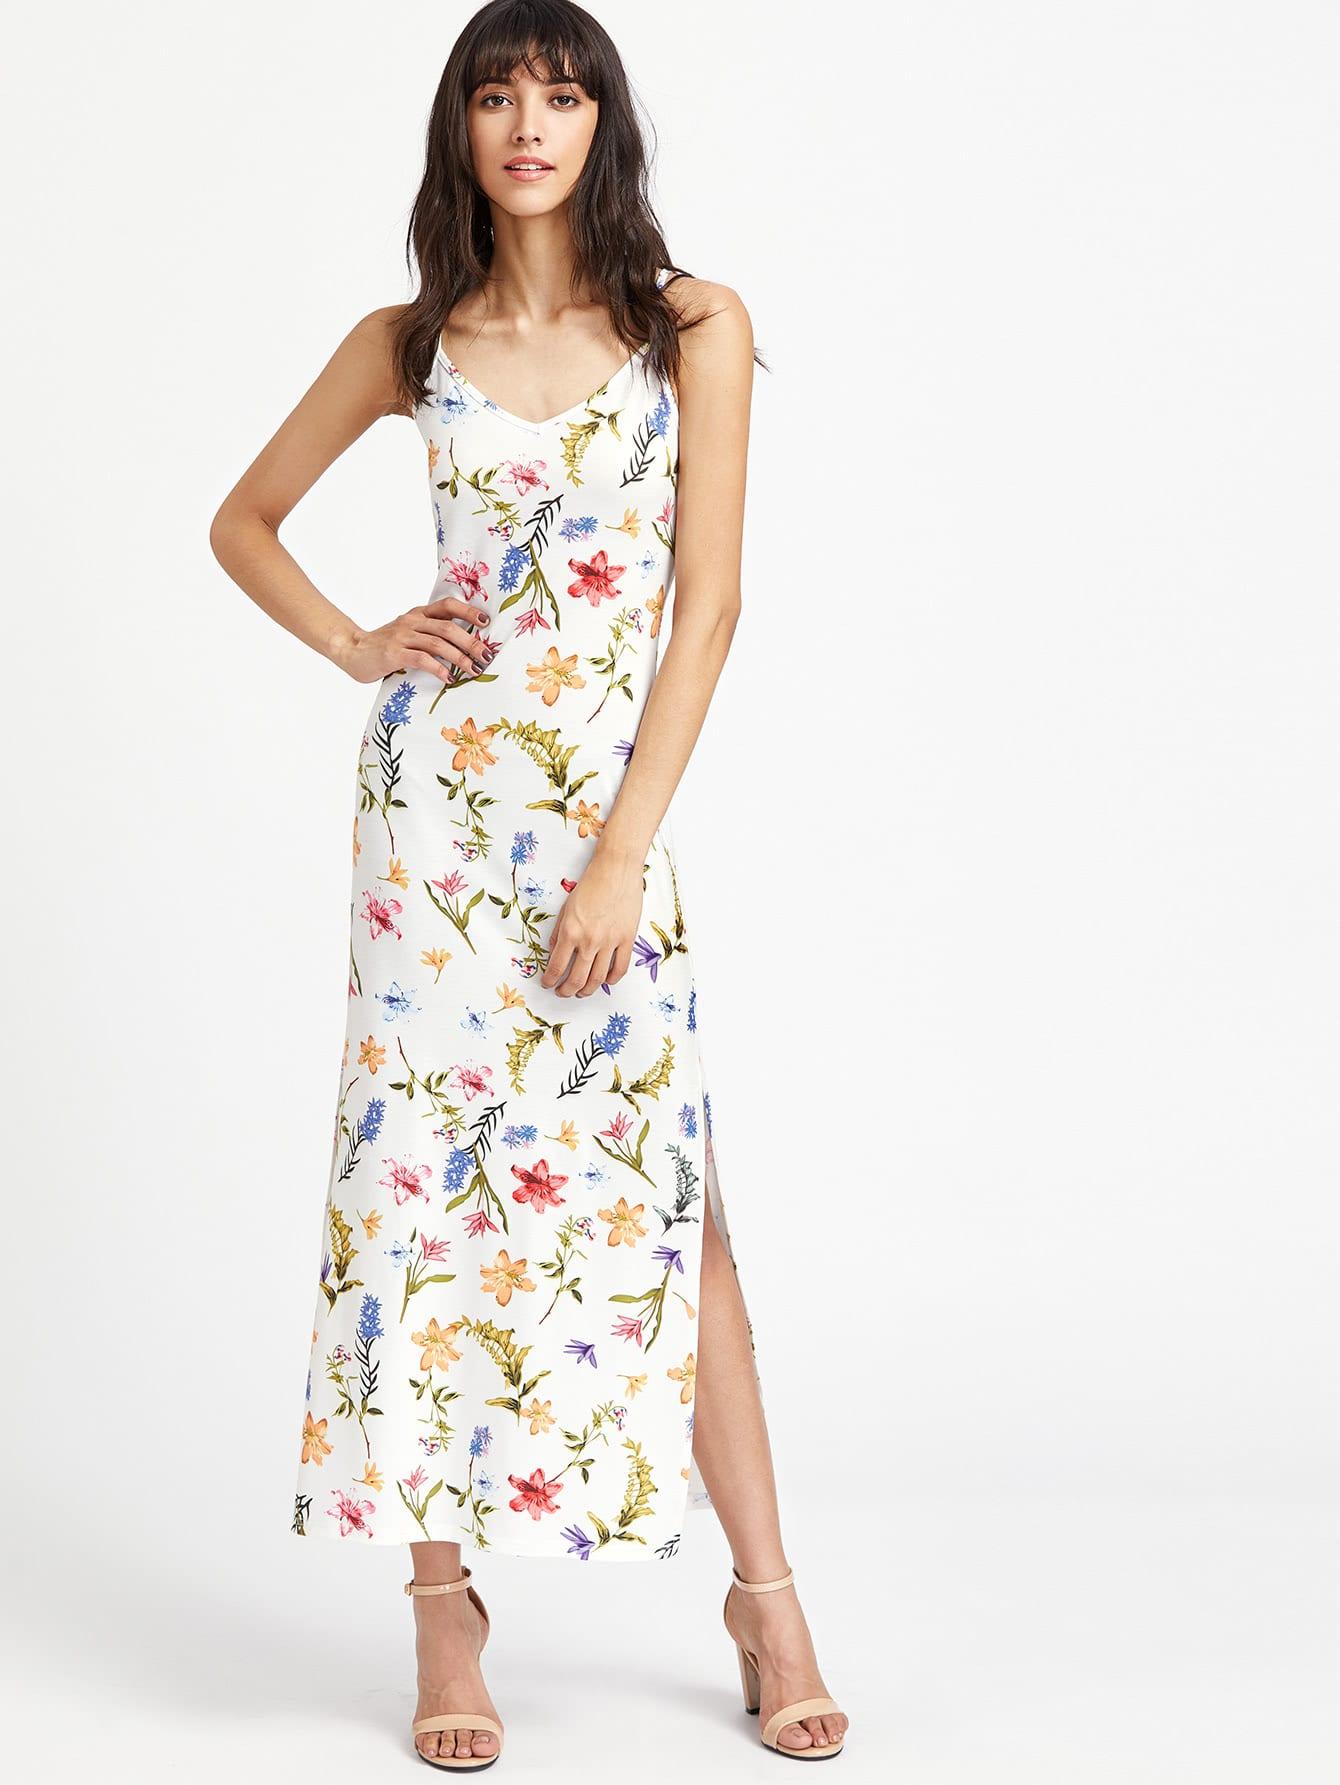 Lace Up Deep V Back High Slit Botanical Cami Dress dress170410706